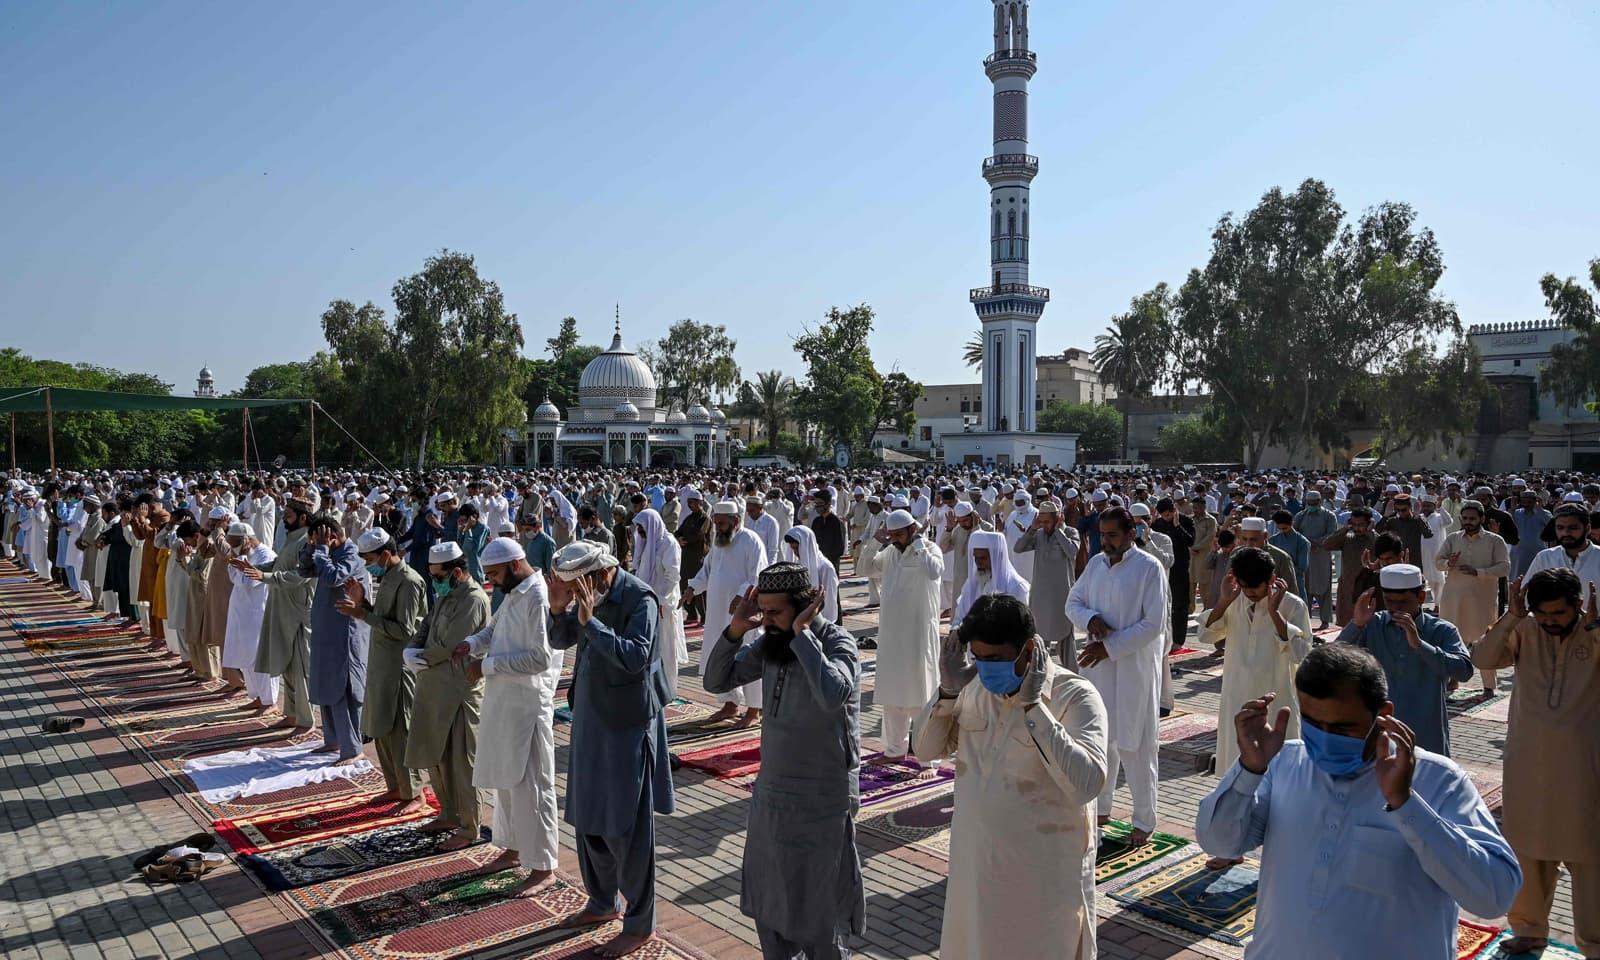 راولپنڈی کی عیدگاہ شریف دربار میں بھی سماجی فاصلوں کے اصول کے ساتھ نماز عید ادا کی گئی— فوٹو: آے ایف پی